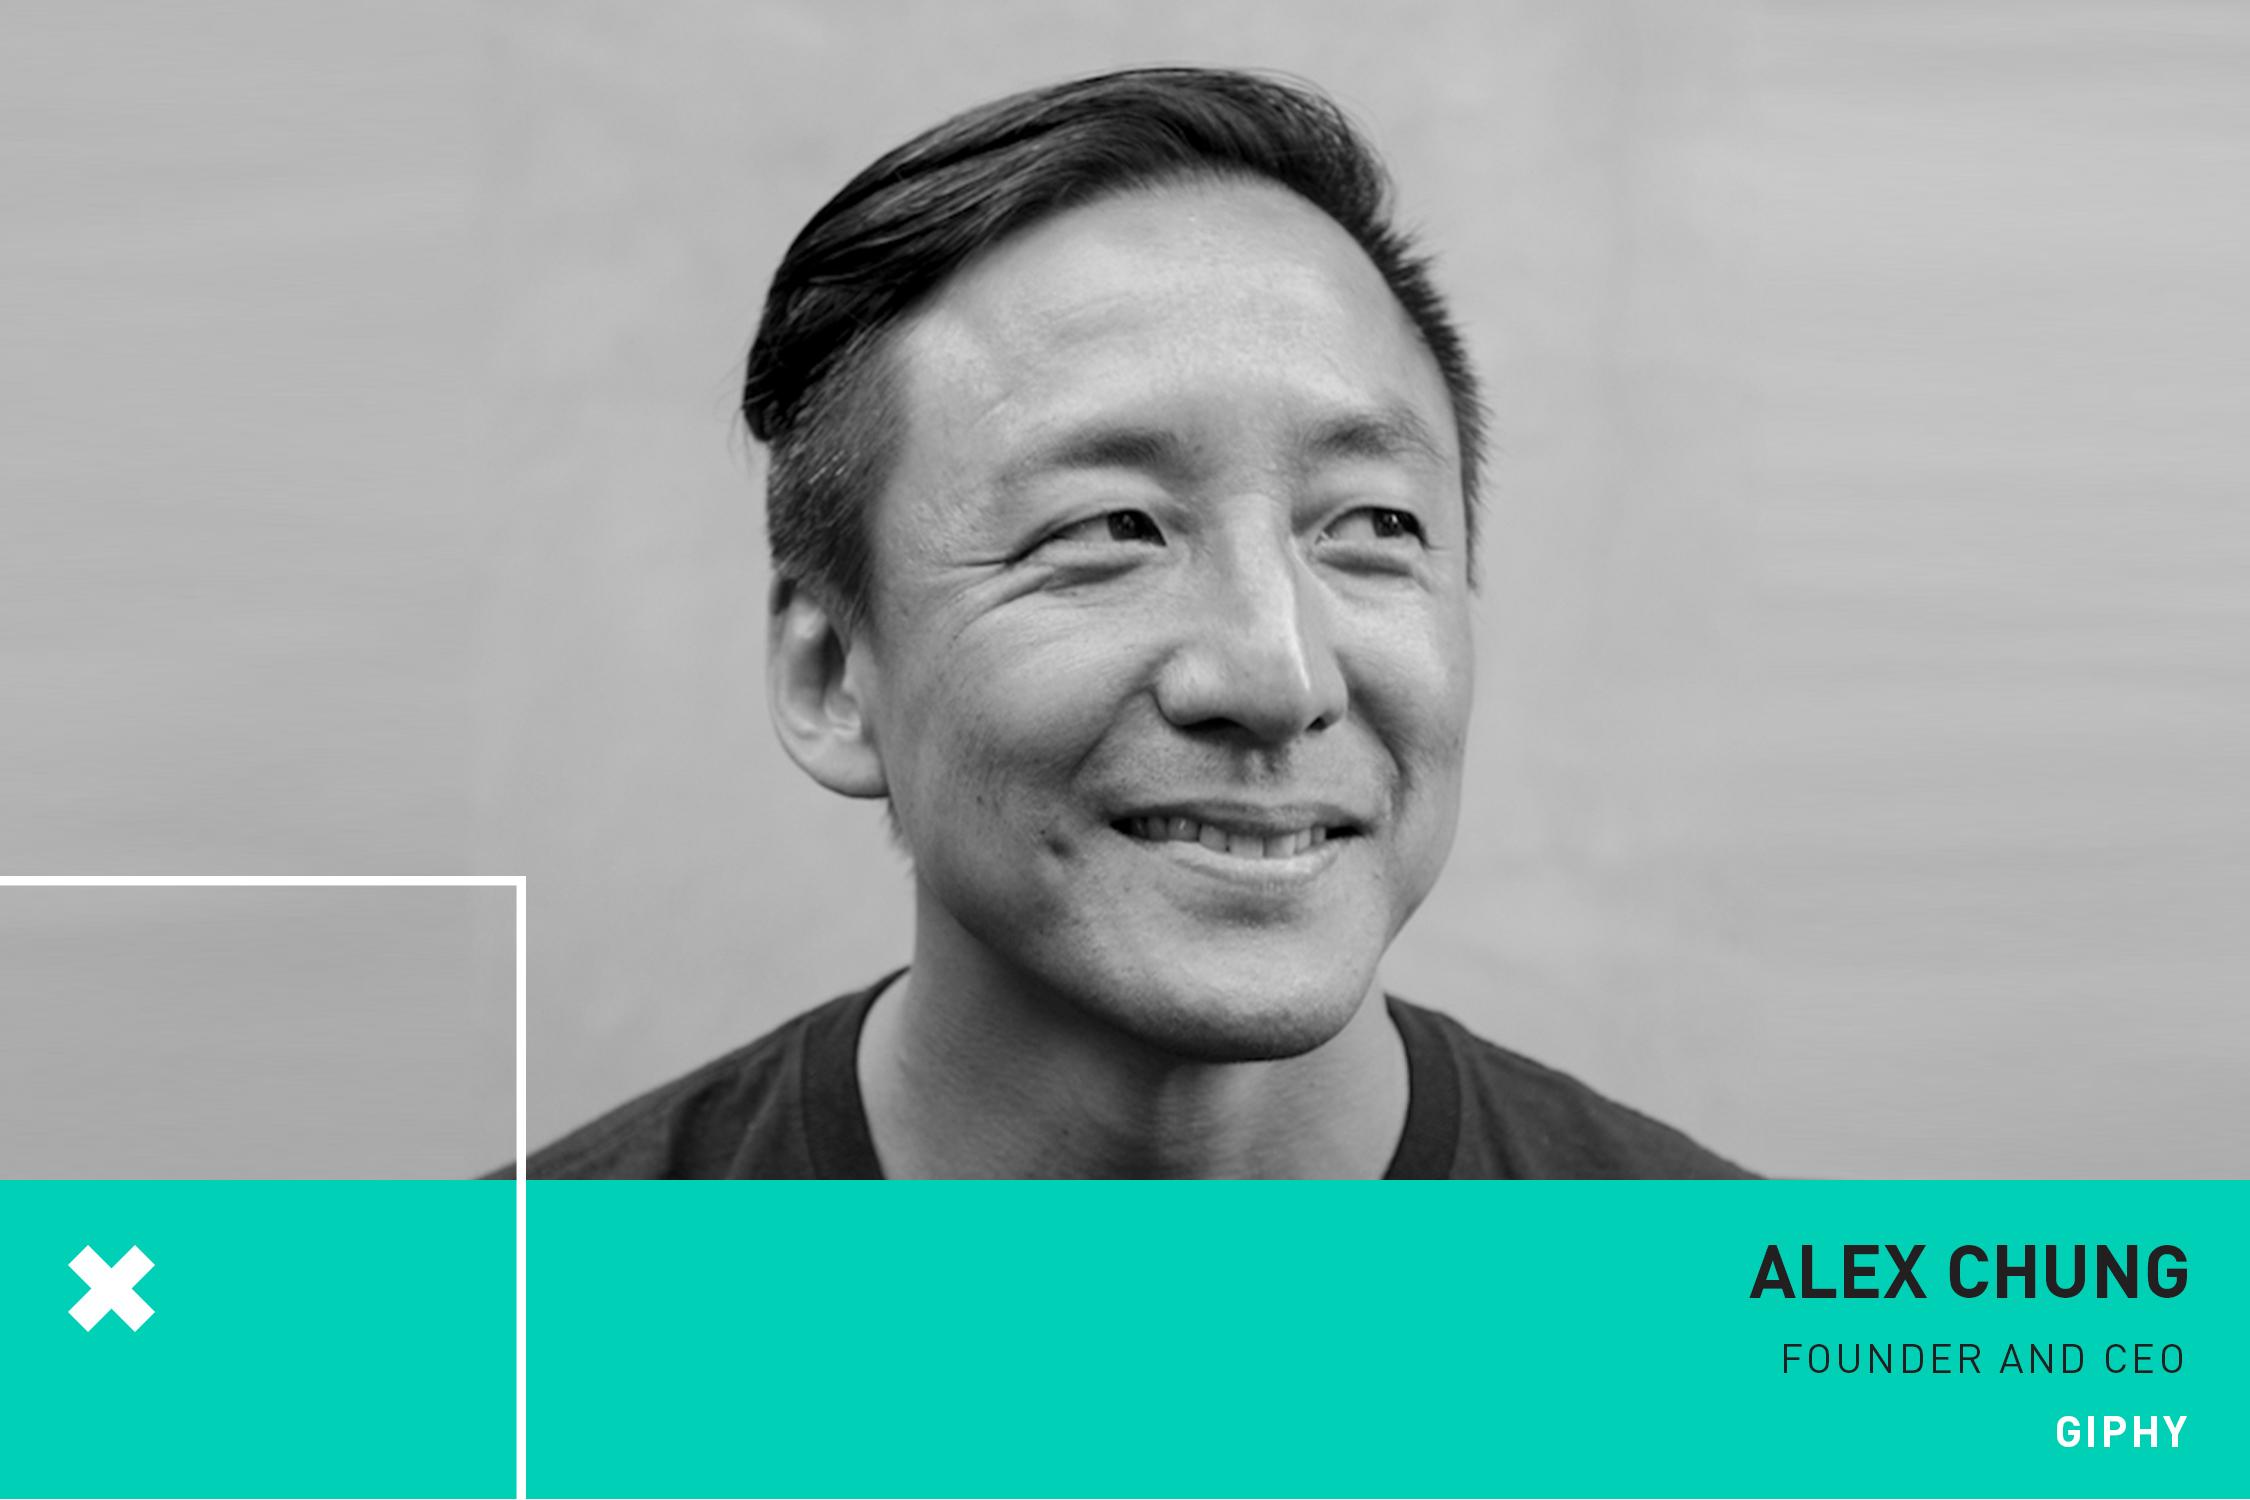 Алекс Чунг присоединится к Ким Кардашьян-Уэст на тематической панели на WCIT 2019